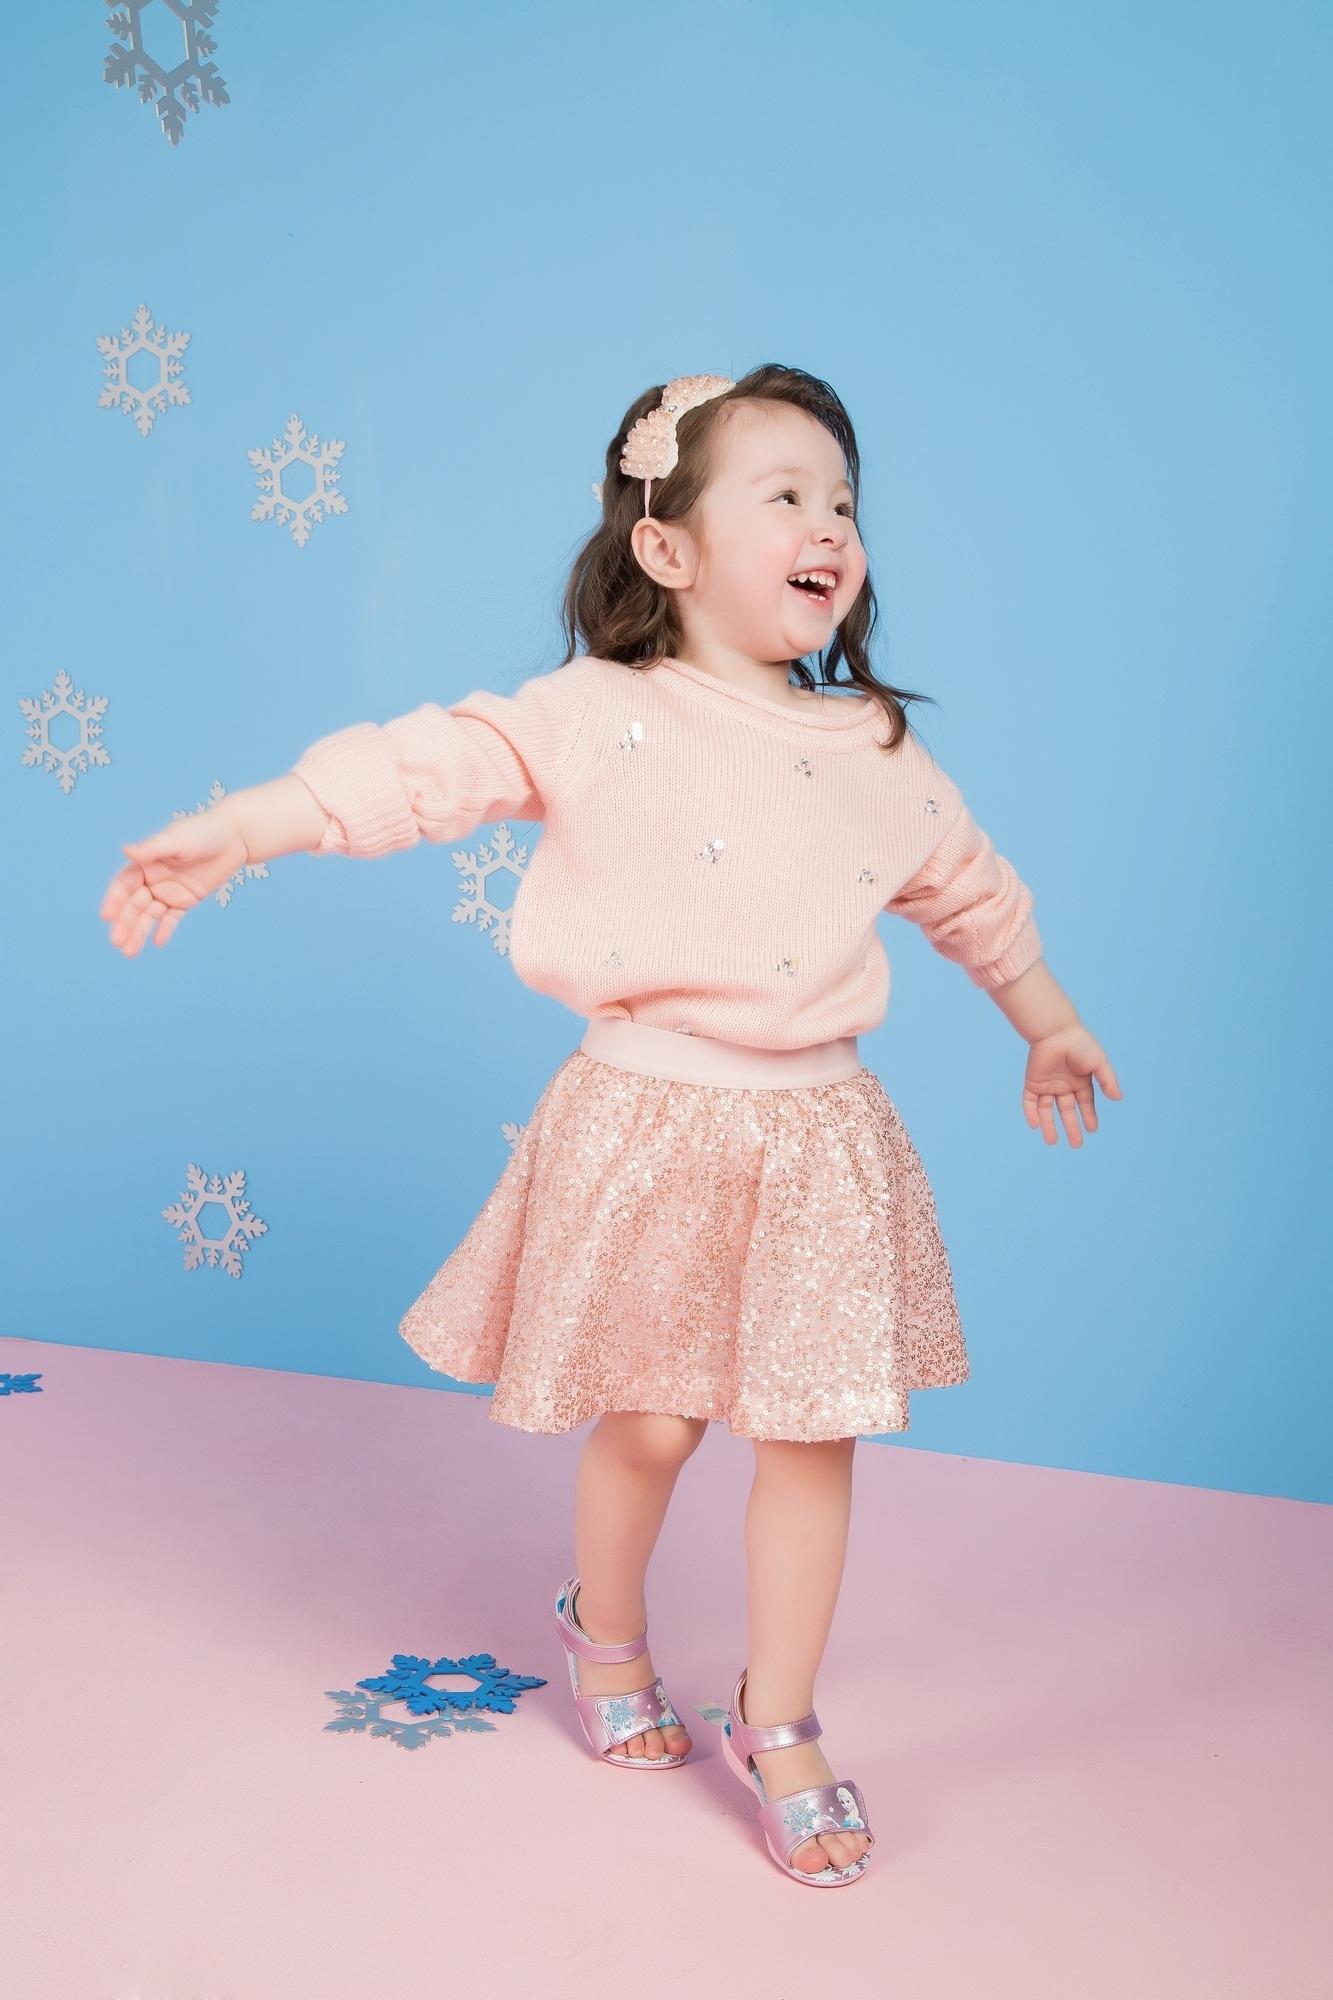 """Cadie Mộc Trà """"đốn tim"""" với ảnh Giáng sinh tựa công chúa Elsa - 3"""